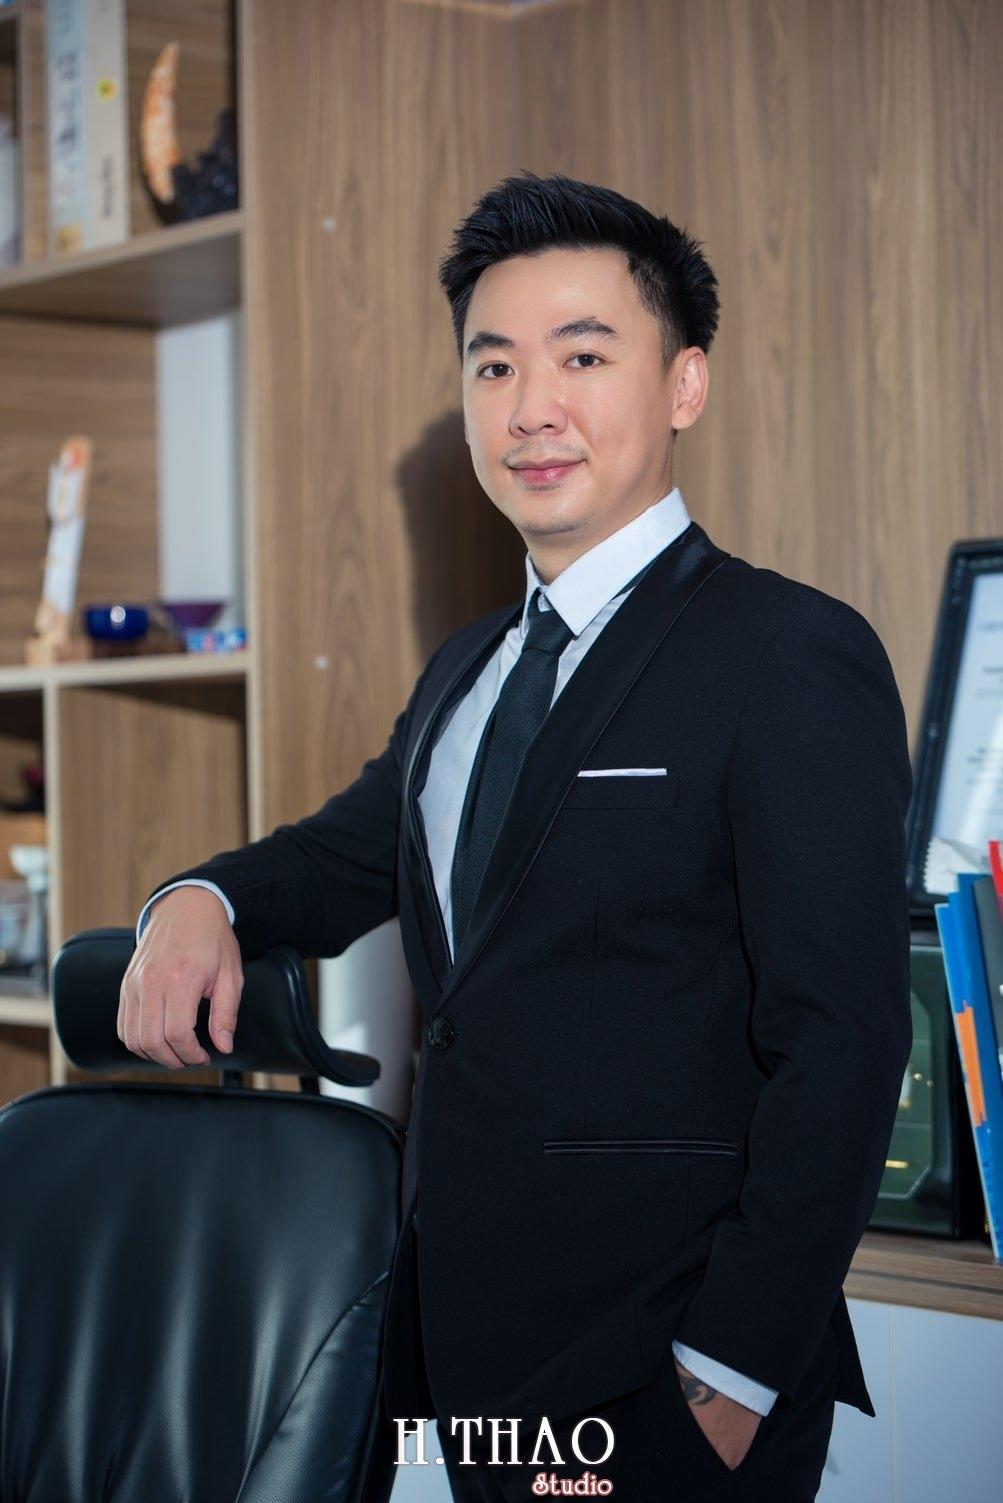 Ricky 4 - Bộ ảnh giám đốc Ricky lịch lãm phong cách - HThao Studio